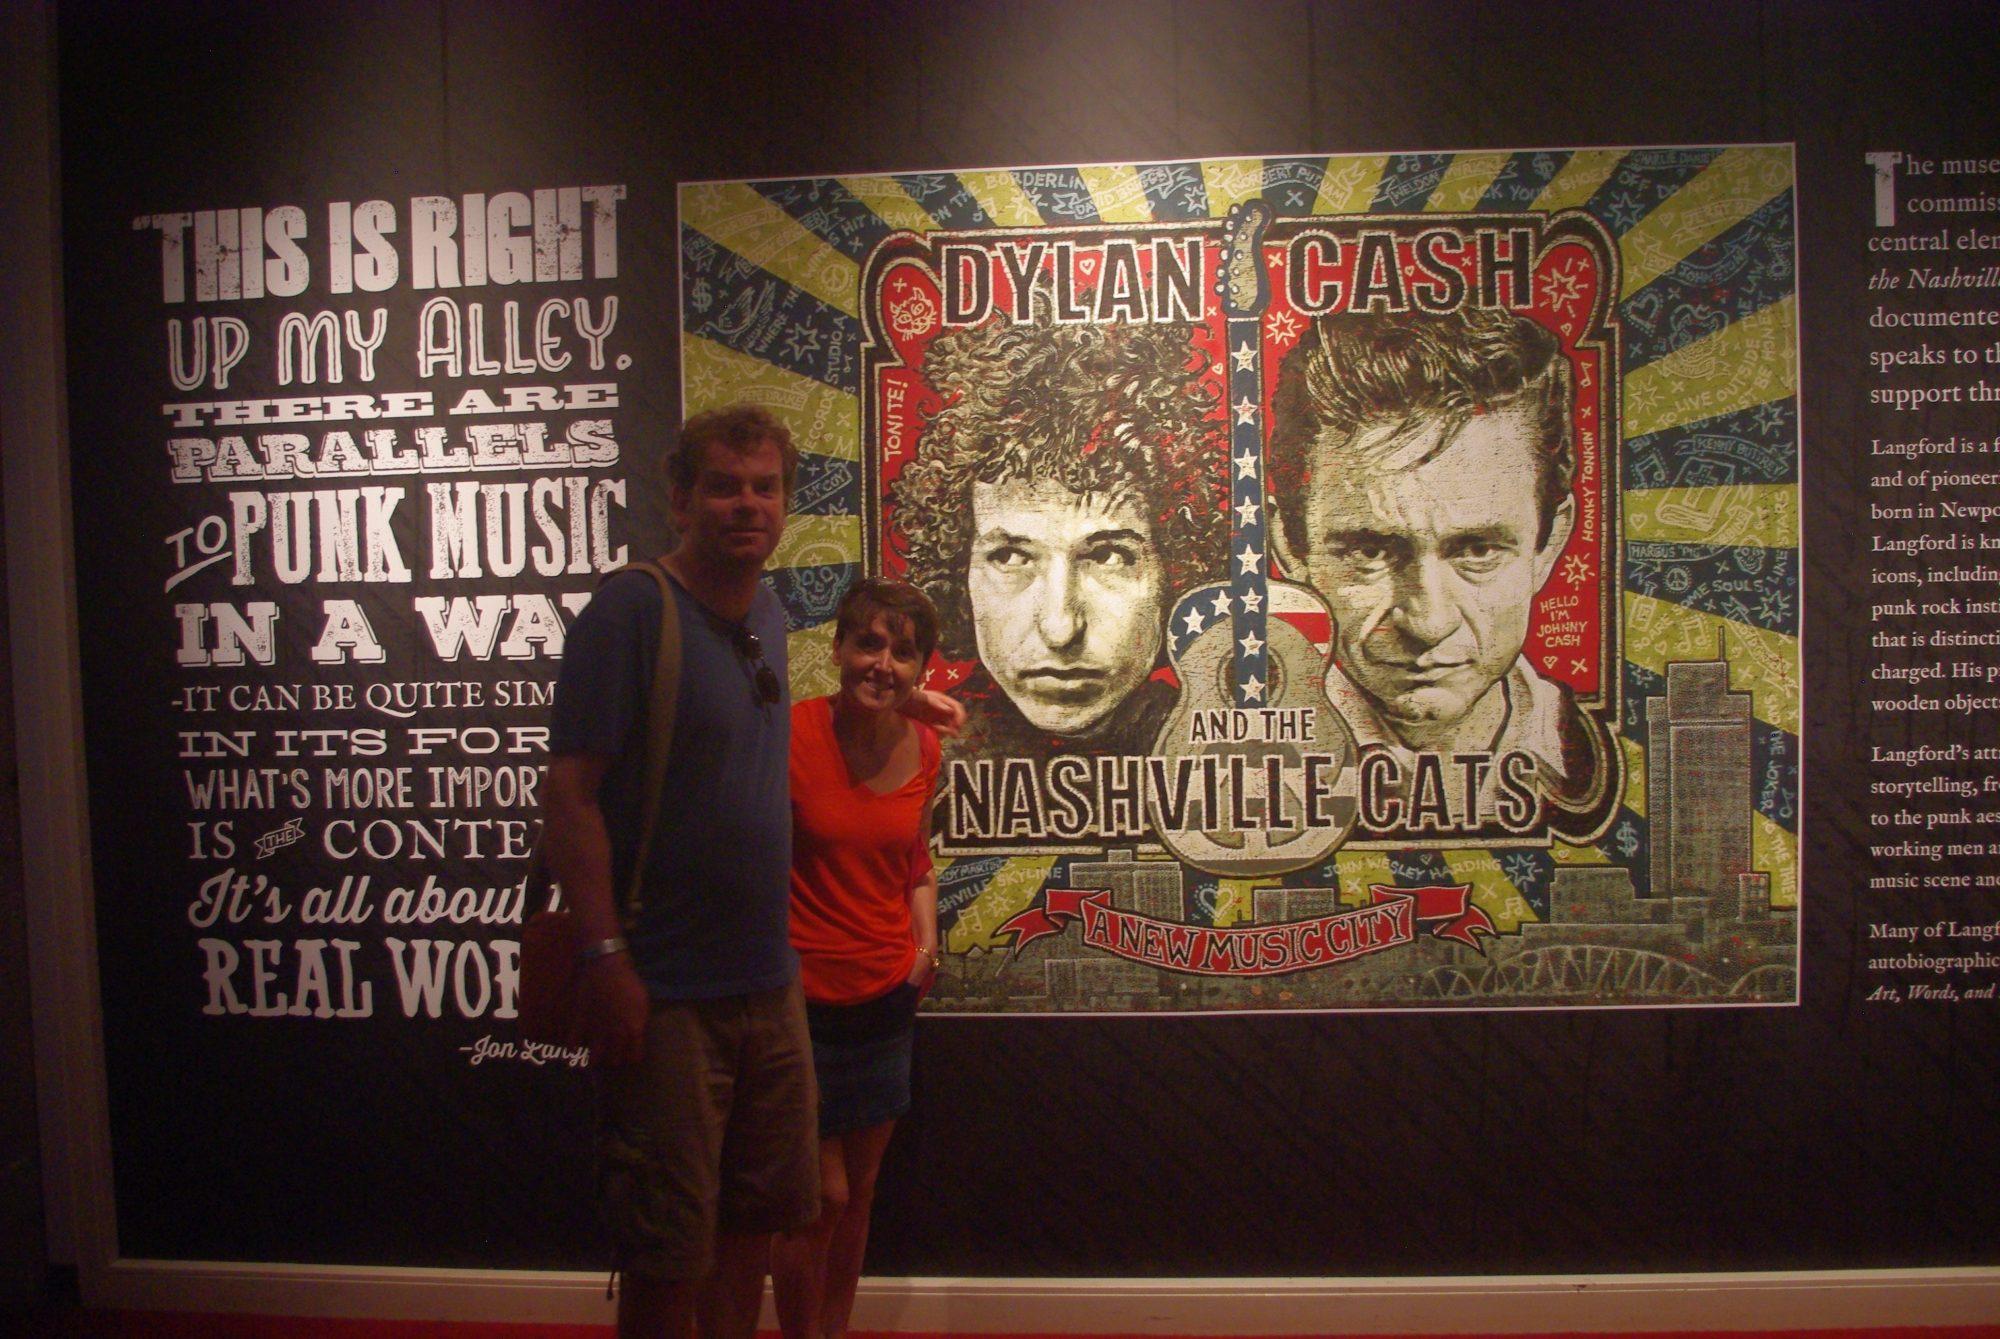 Il y avait aussi une expo temporaire sur la collaboration entre Bob Dylan et Johnny Cash. Très intéressant et bien présenté